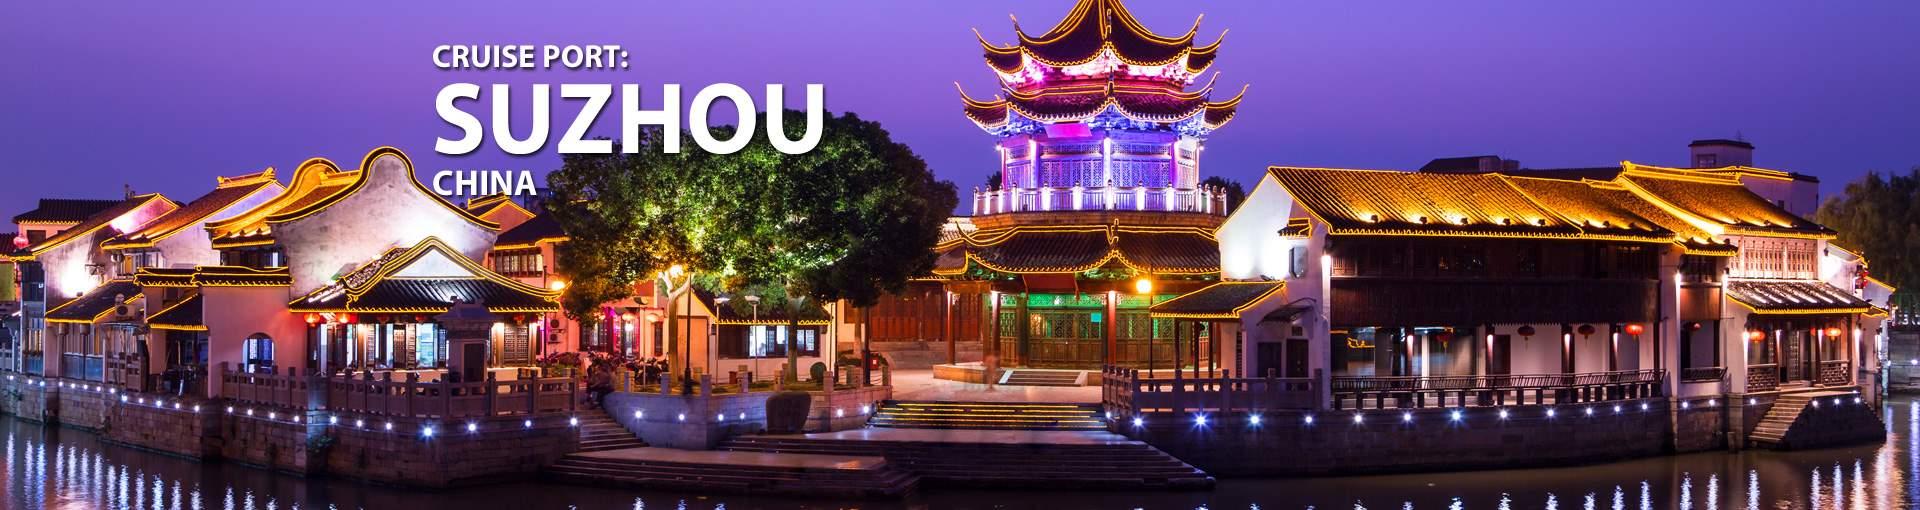 Cruises to Suzhou, China